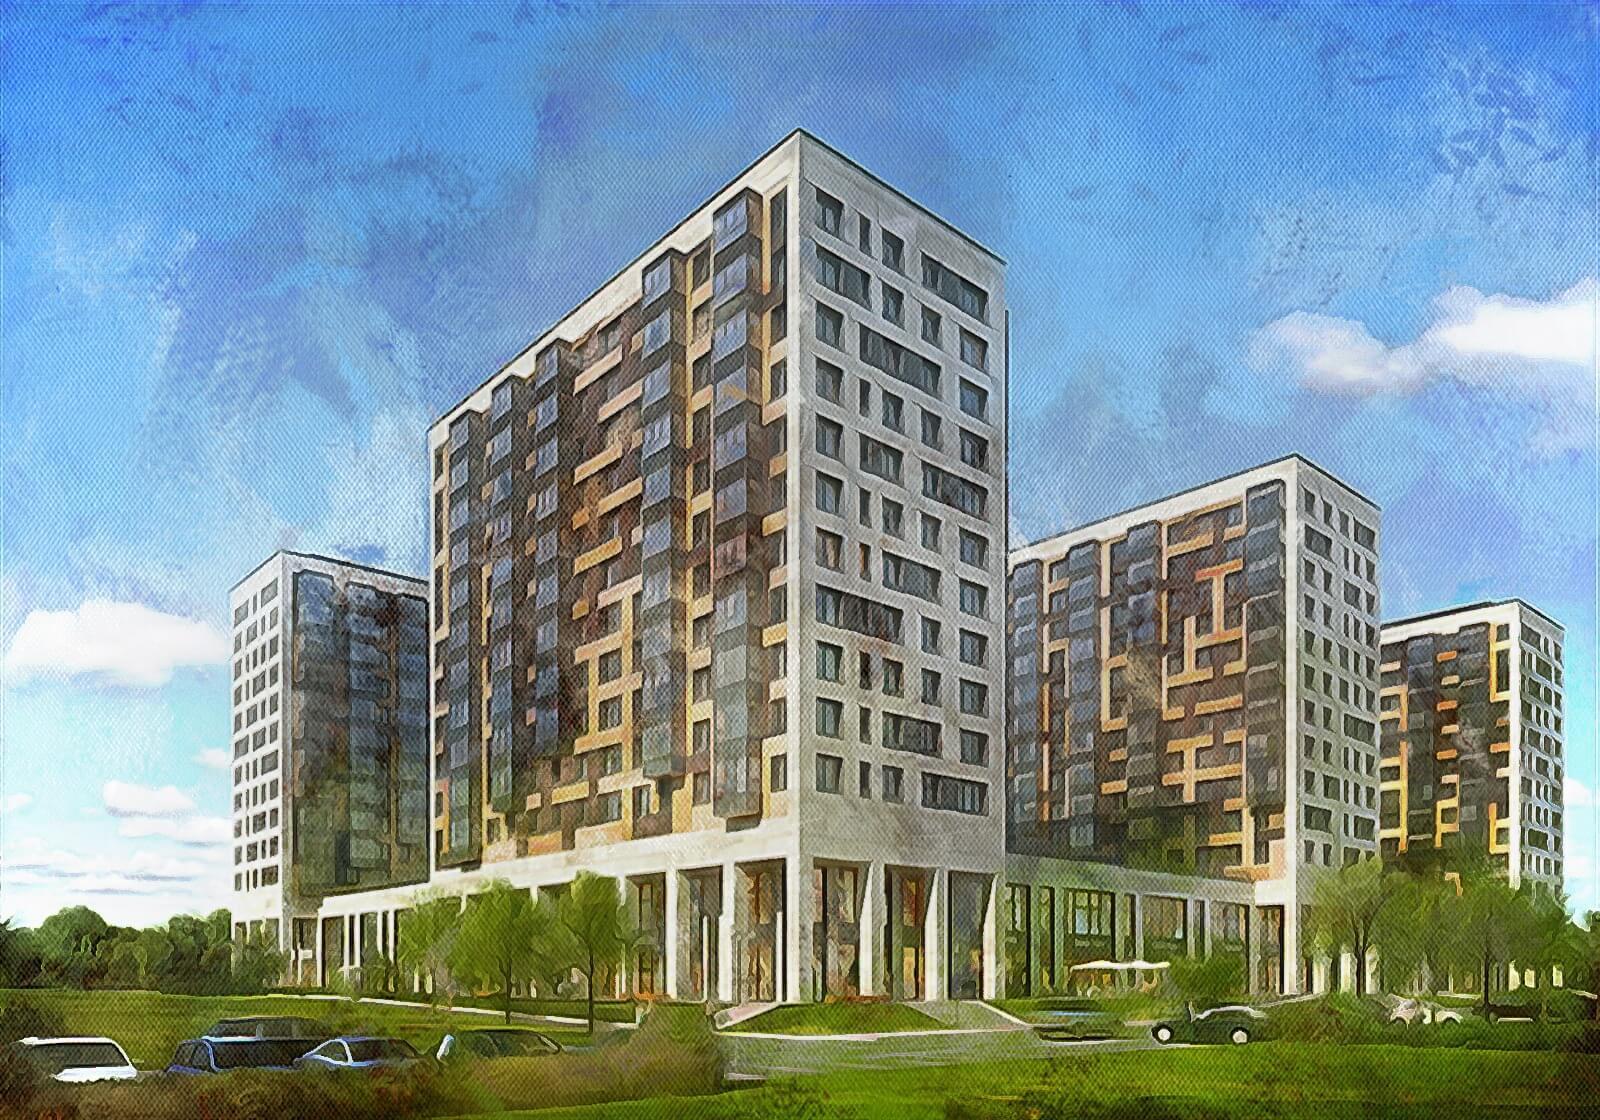 ЖК LEGENDA на Дальневосточном 12, цены на квартиры сегодня, официальный сайт